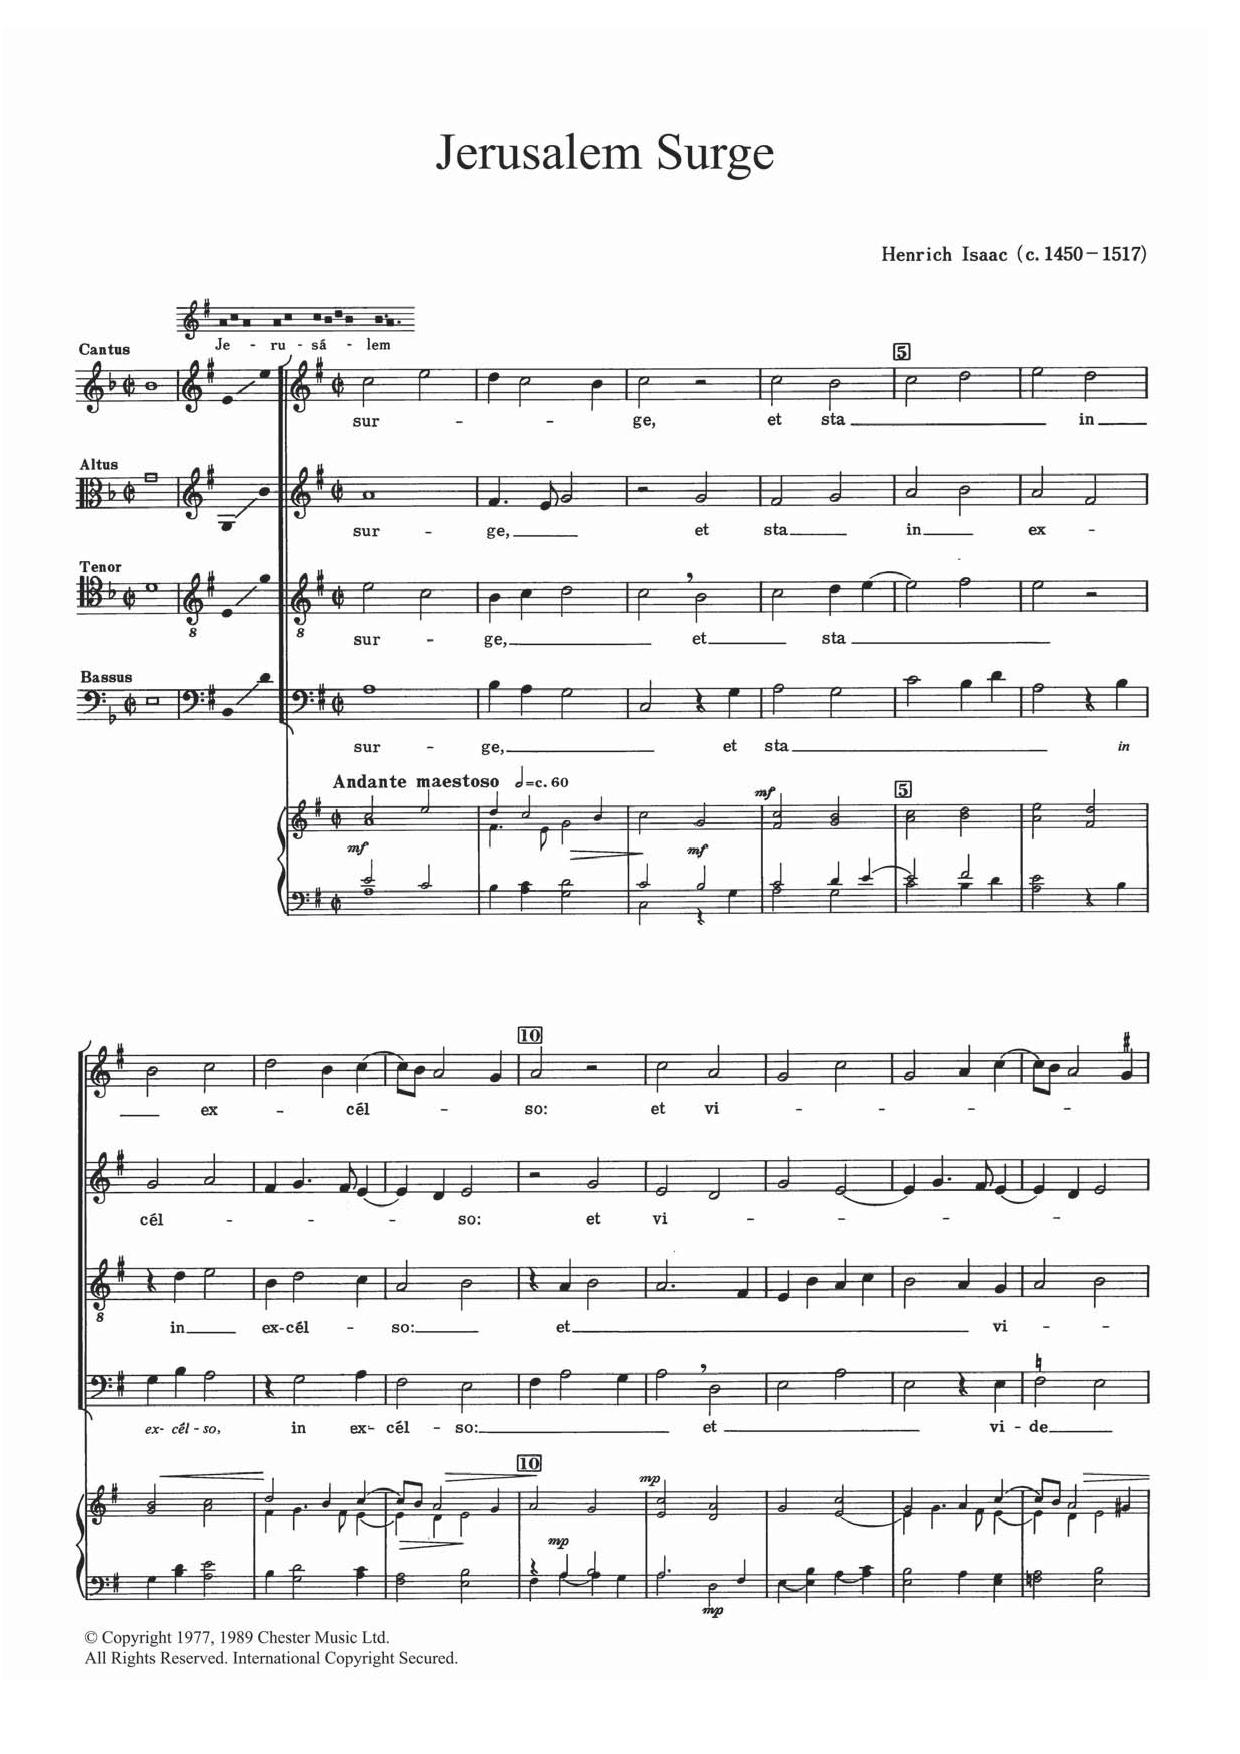 Jerusalem Surge Sheet Music